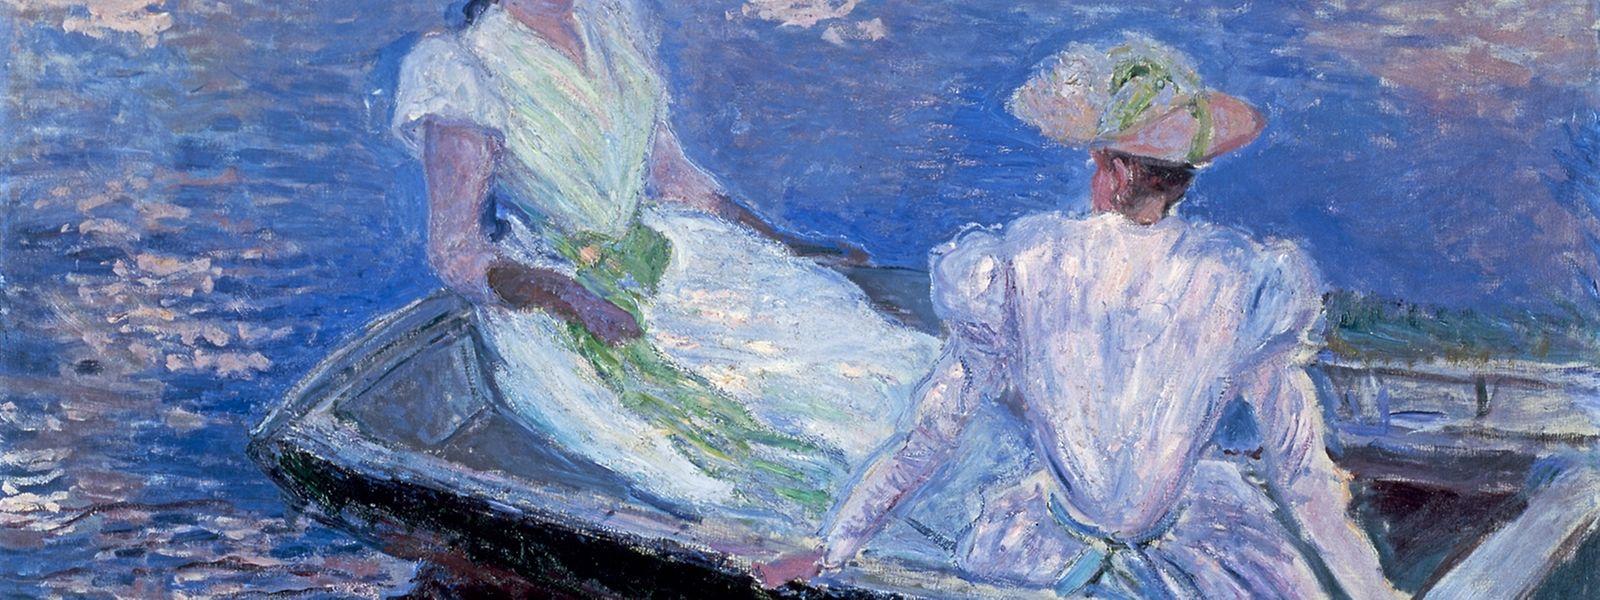 Claude Monet, Im Boot,1887, Öl auf Leinwand